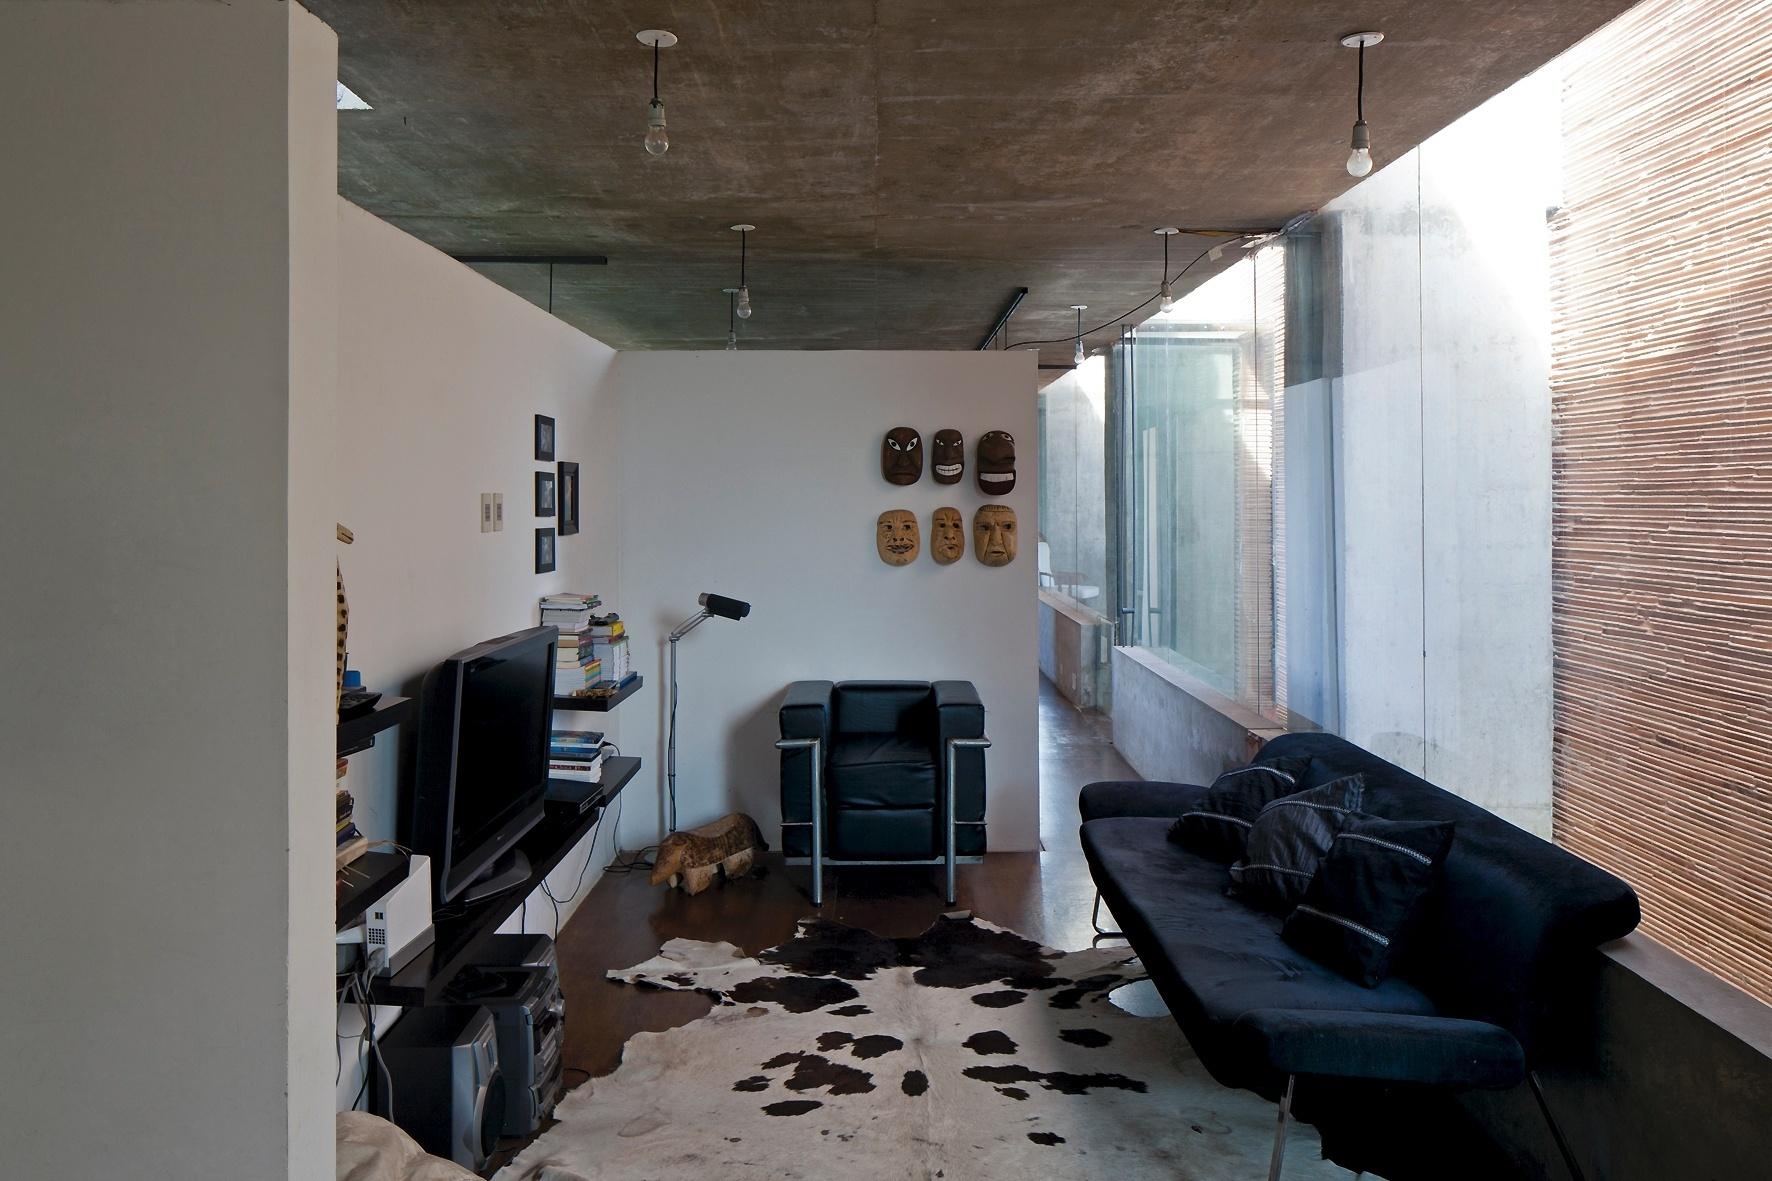 A divisão interna entre ambientes se dá em alvenaria cerâmica, formando paredes que não alcançam o forro de concreto aparente. Os pisos reaproveitam a madeira utilizada nas fôrmas de concretagem, lixadas e tingidas e o vão sul (à dir.), com 16 m de comprimento, volta-se para as caixas-contrapeso onde estão as áreas de serviços e de circulação vertical. A arquitetura é do escritório TDA, para residência em Luque, no Paraguai